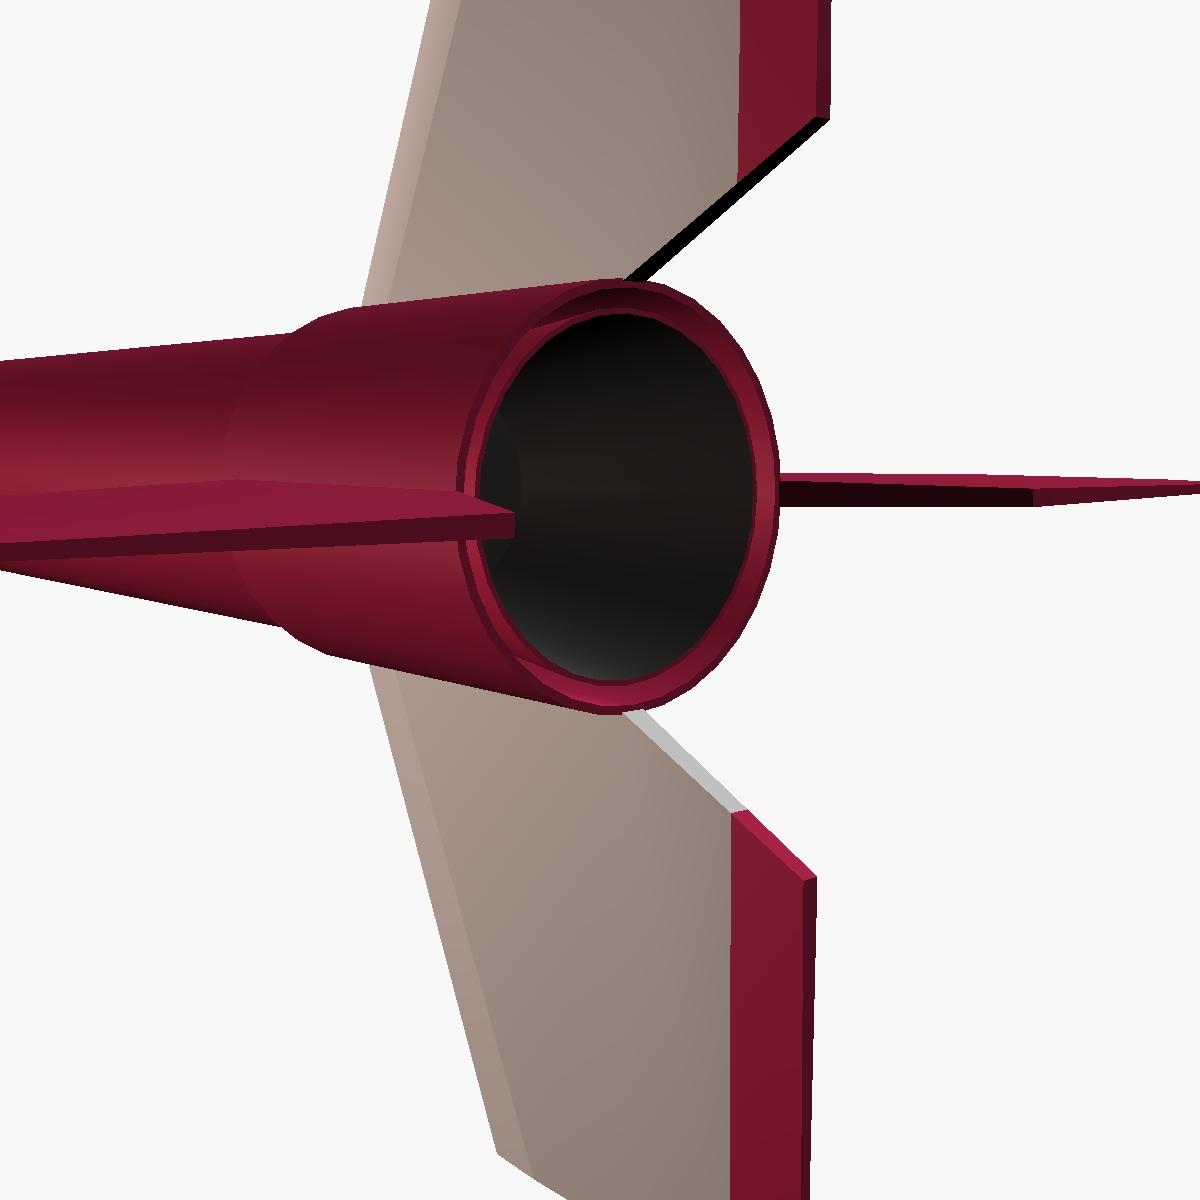 orion i rocket 3d model 3ds dxf fbx blend cob dae x  obj 208061